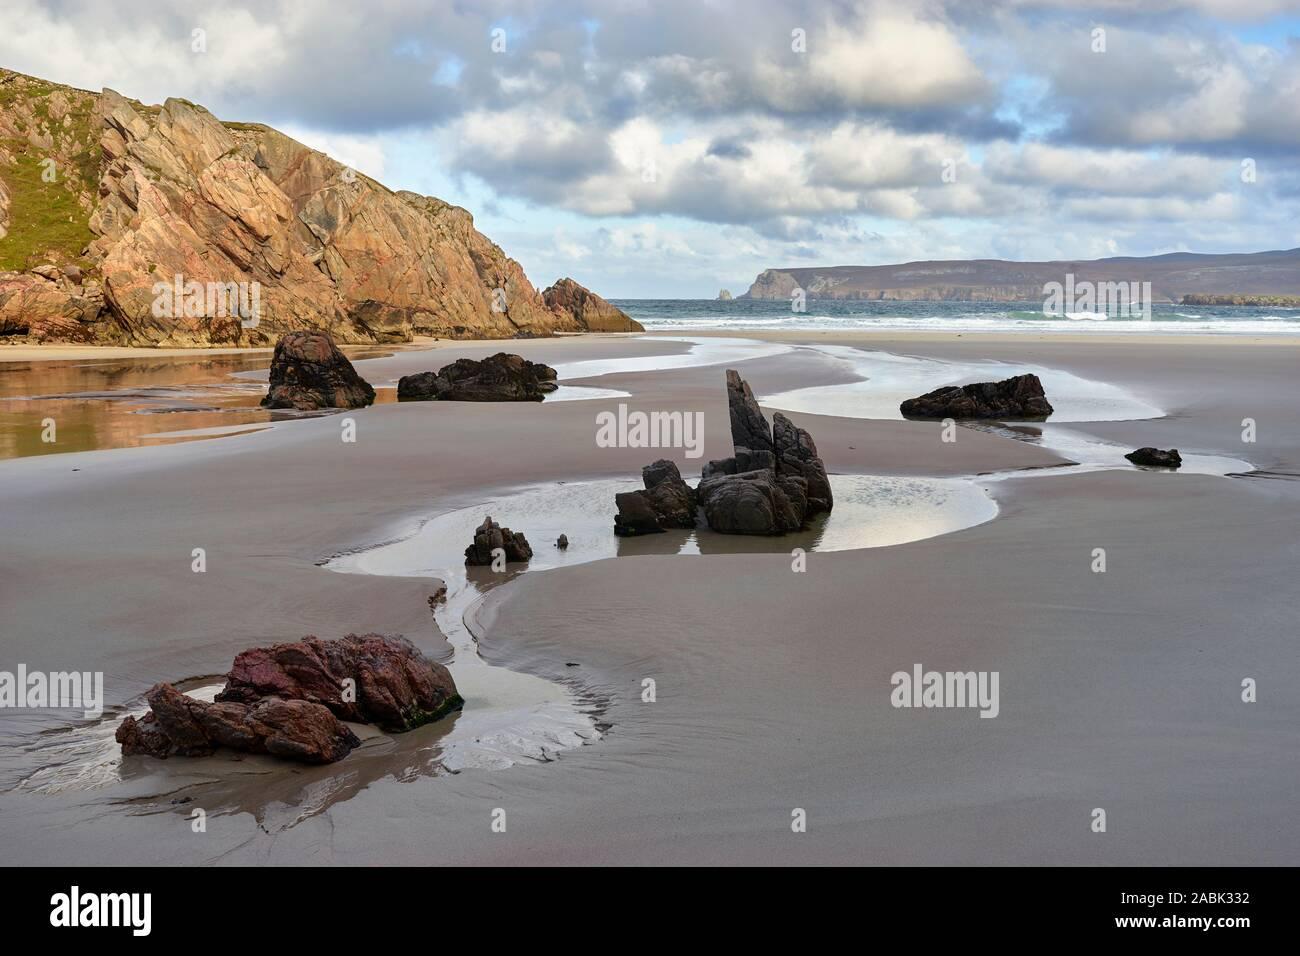 Las piscinas de rocas en la playa de Traigh Chailgeag Alt, cerca de Durness, Sutherland, Highland, Escocia Foto de stock